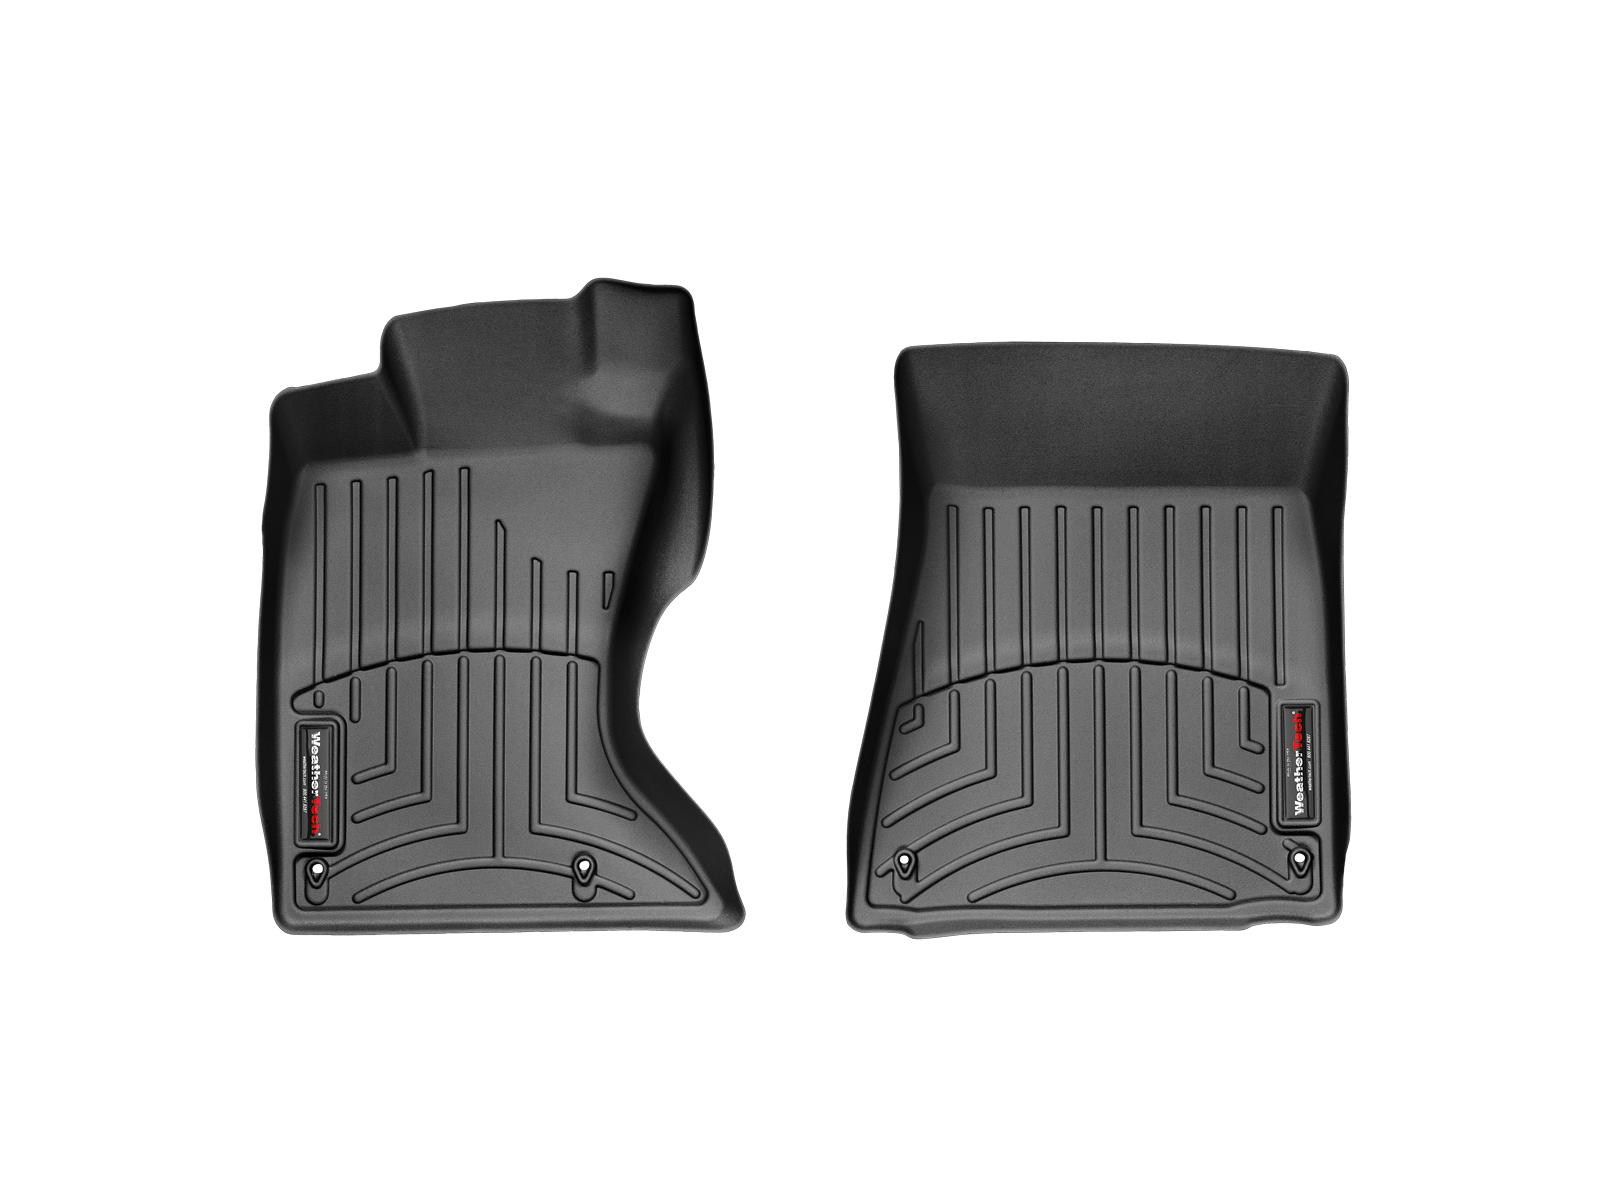 Tappeti gomma su misura bordo alto Lexus GS 350 / GS 460 05>11 Grigio A2028